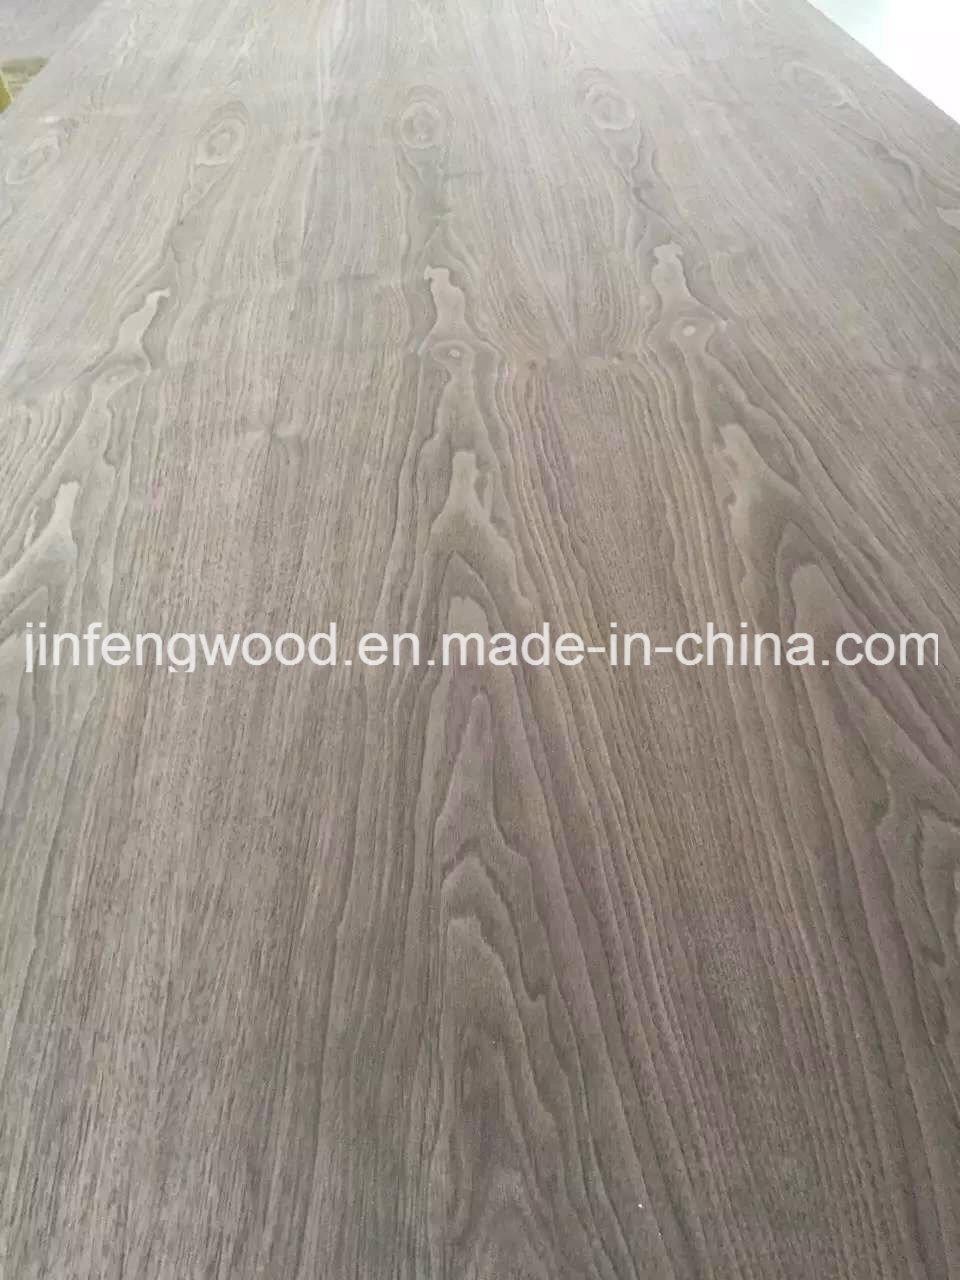 Natural Veneer Blockboard MDF Plywood 1220*2440*18mm